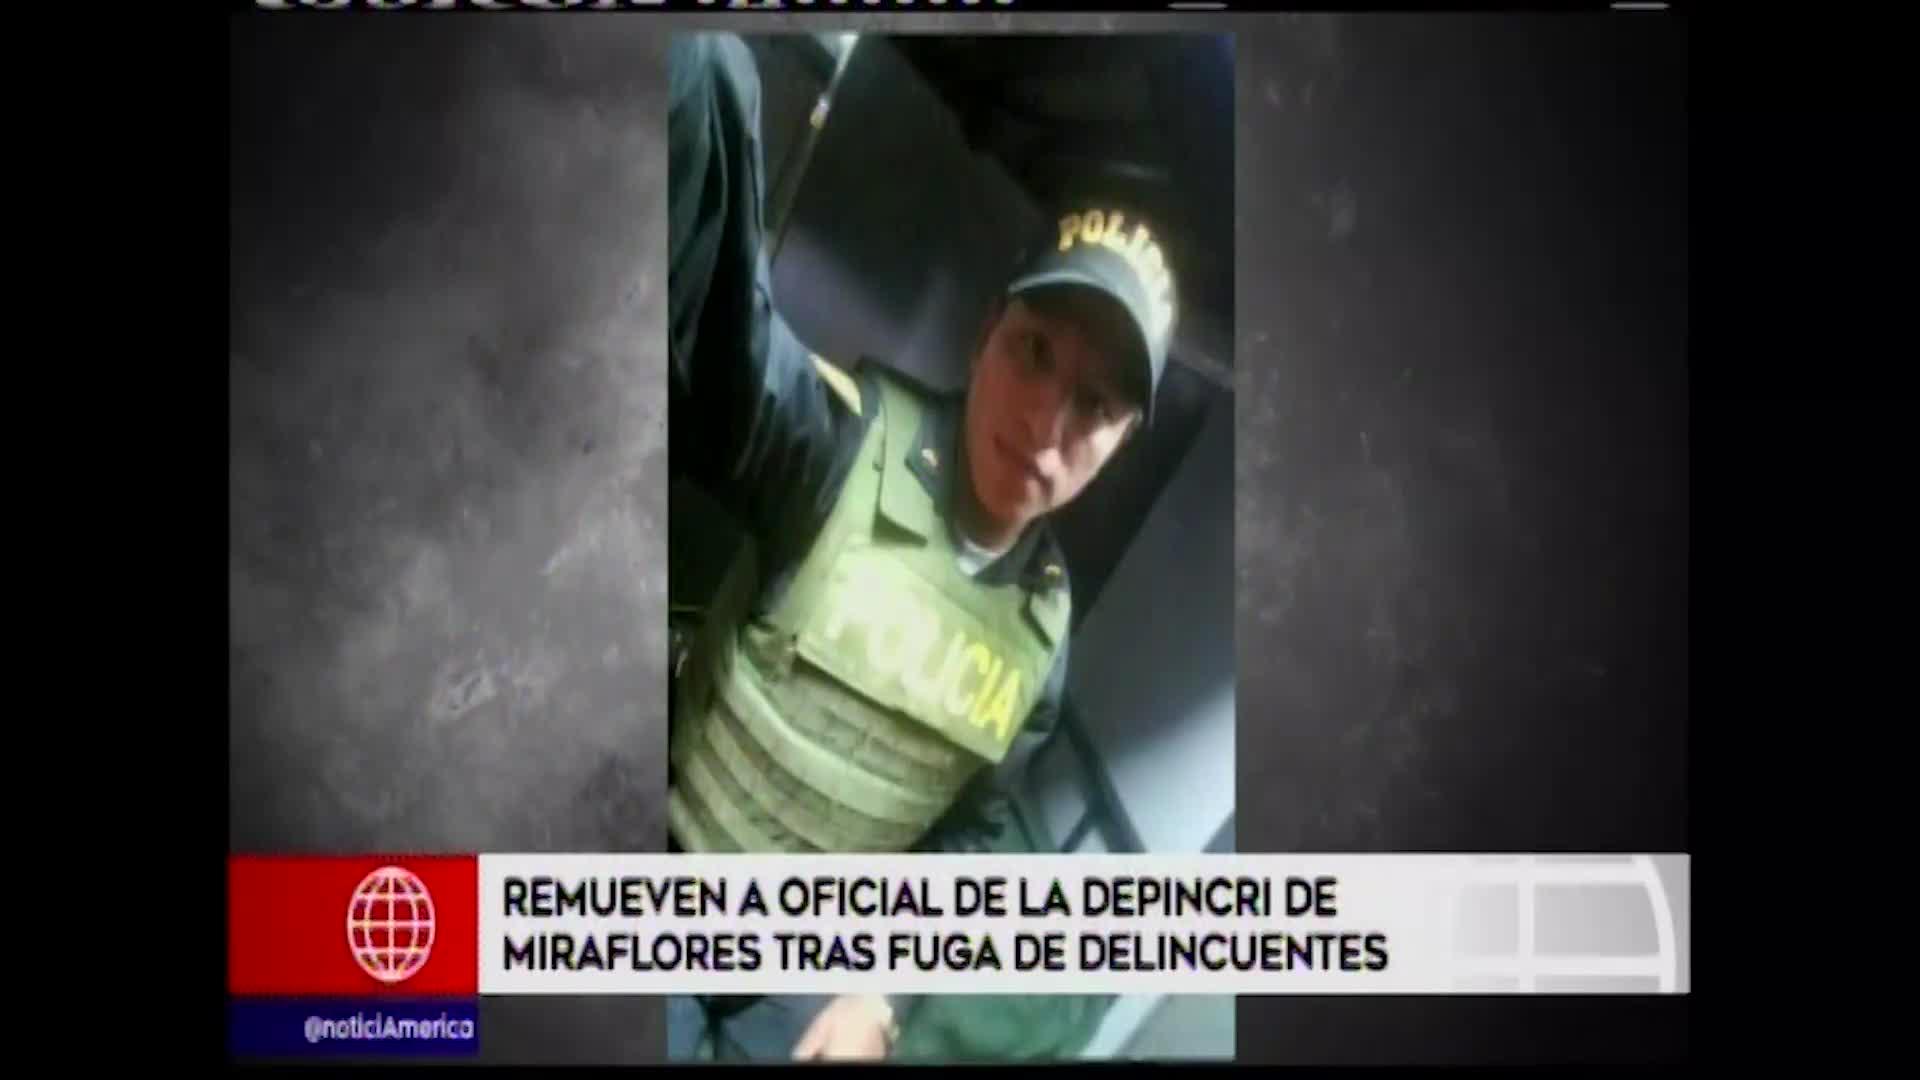 Miraflores: remueven a oficial de la Depincri tras fuga de tres ladrones